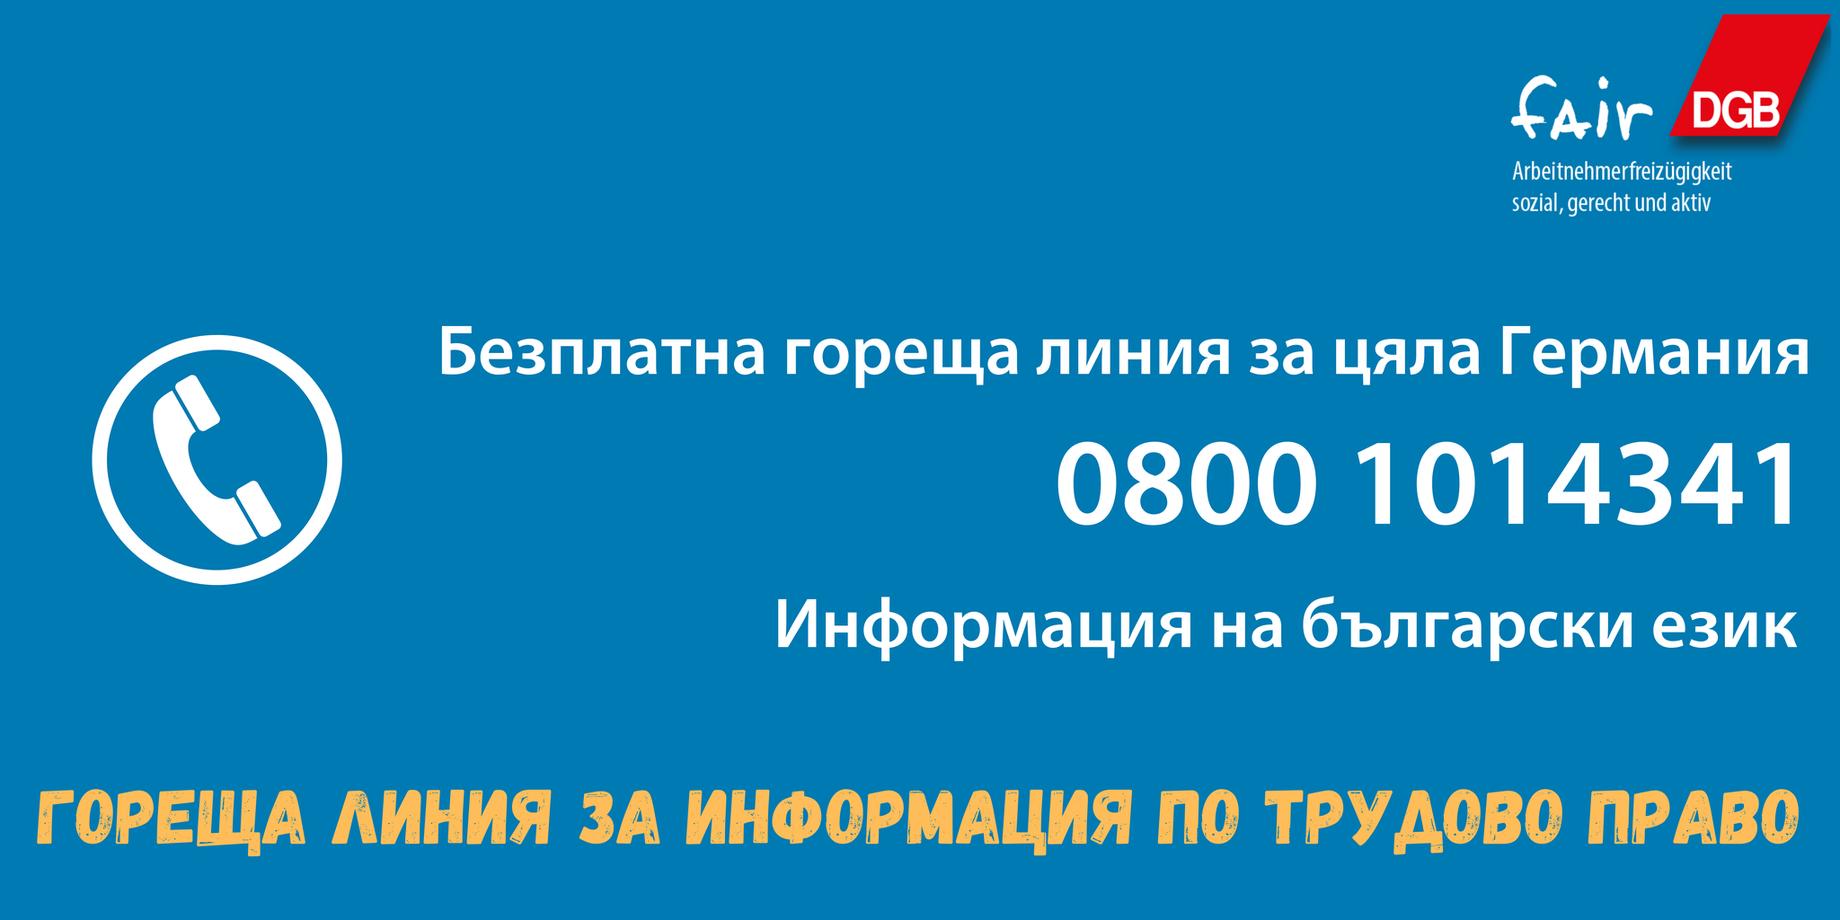 Hotline Coronavirus Arbeitsrecht Bulgarisch